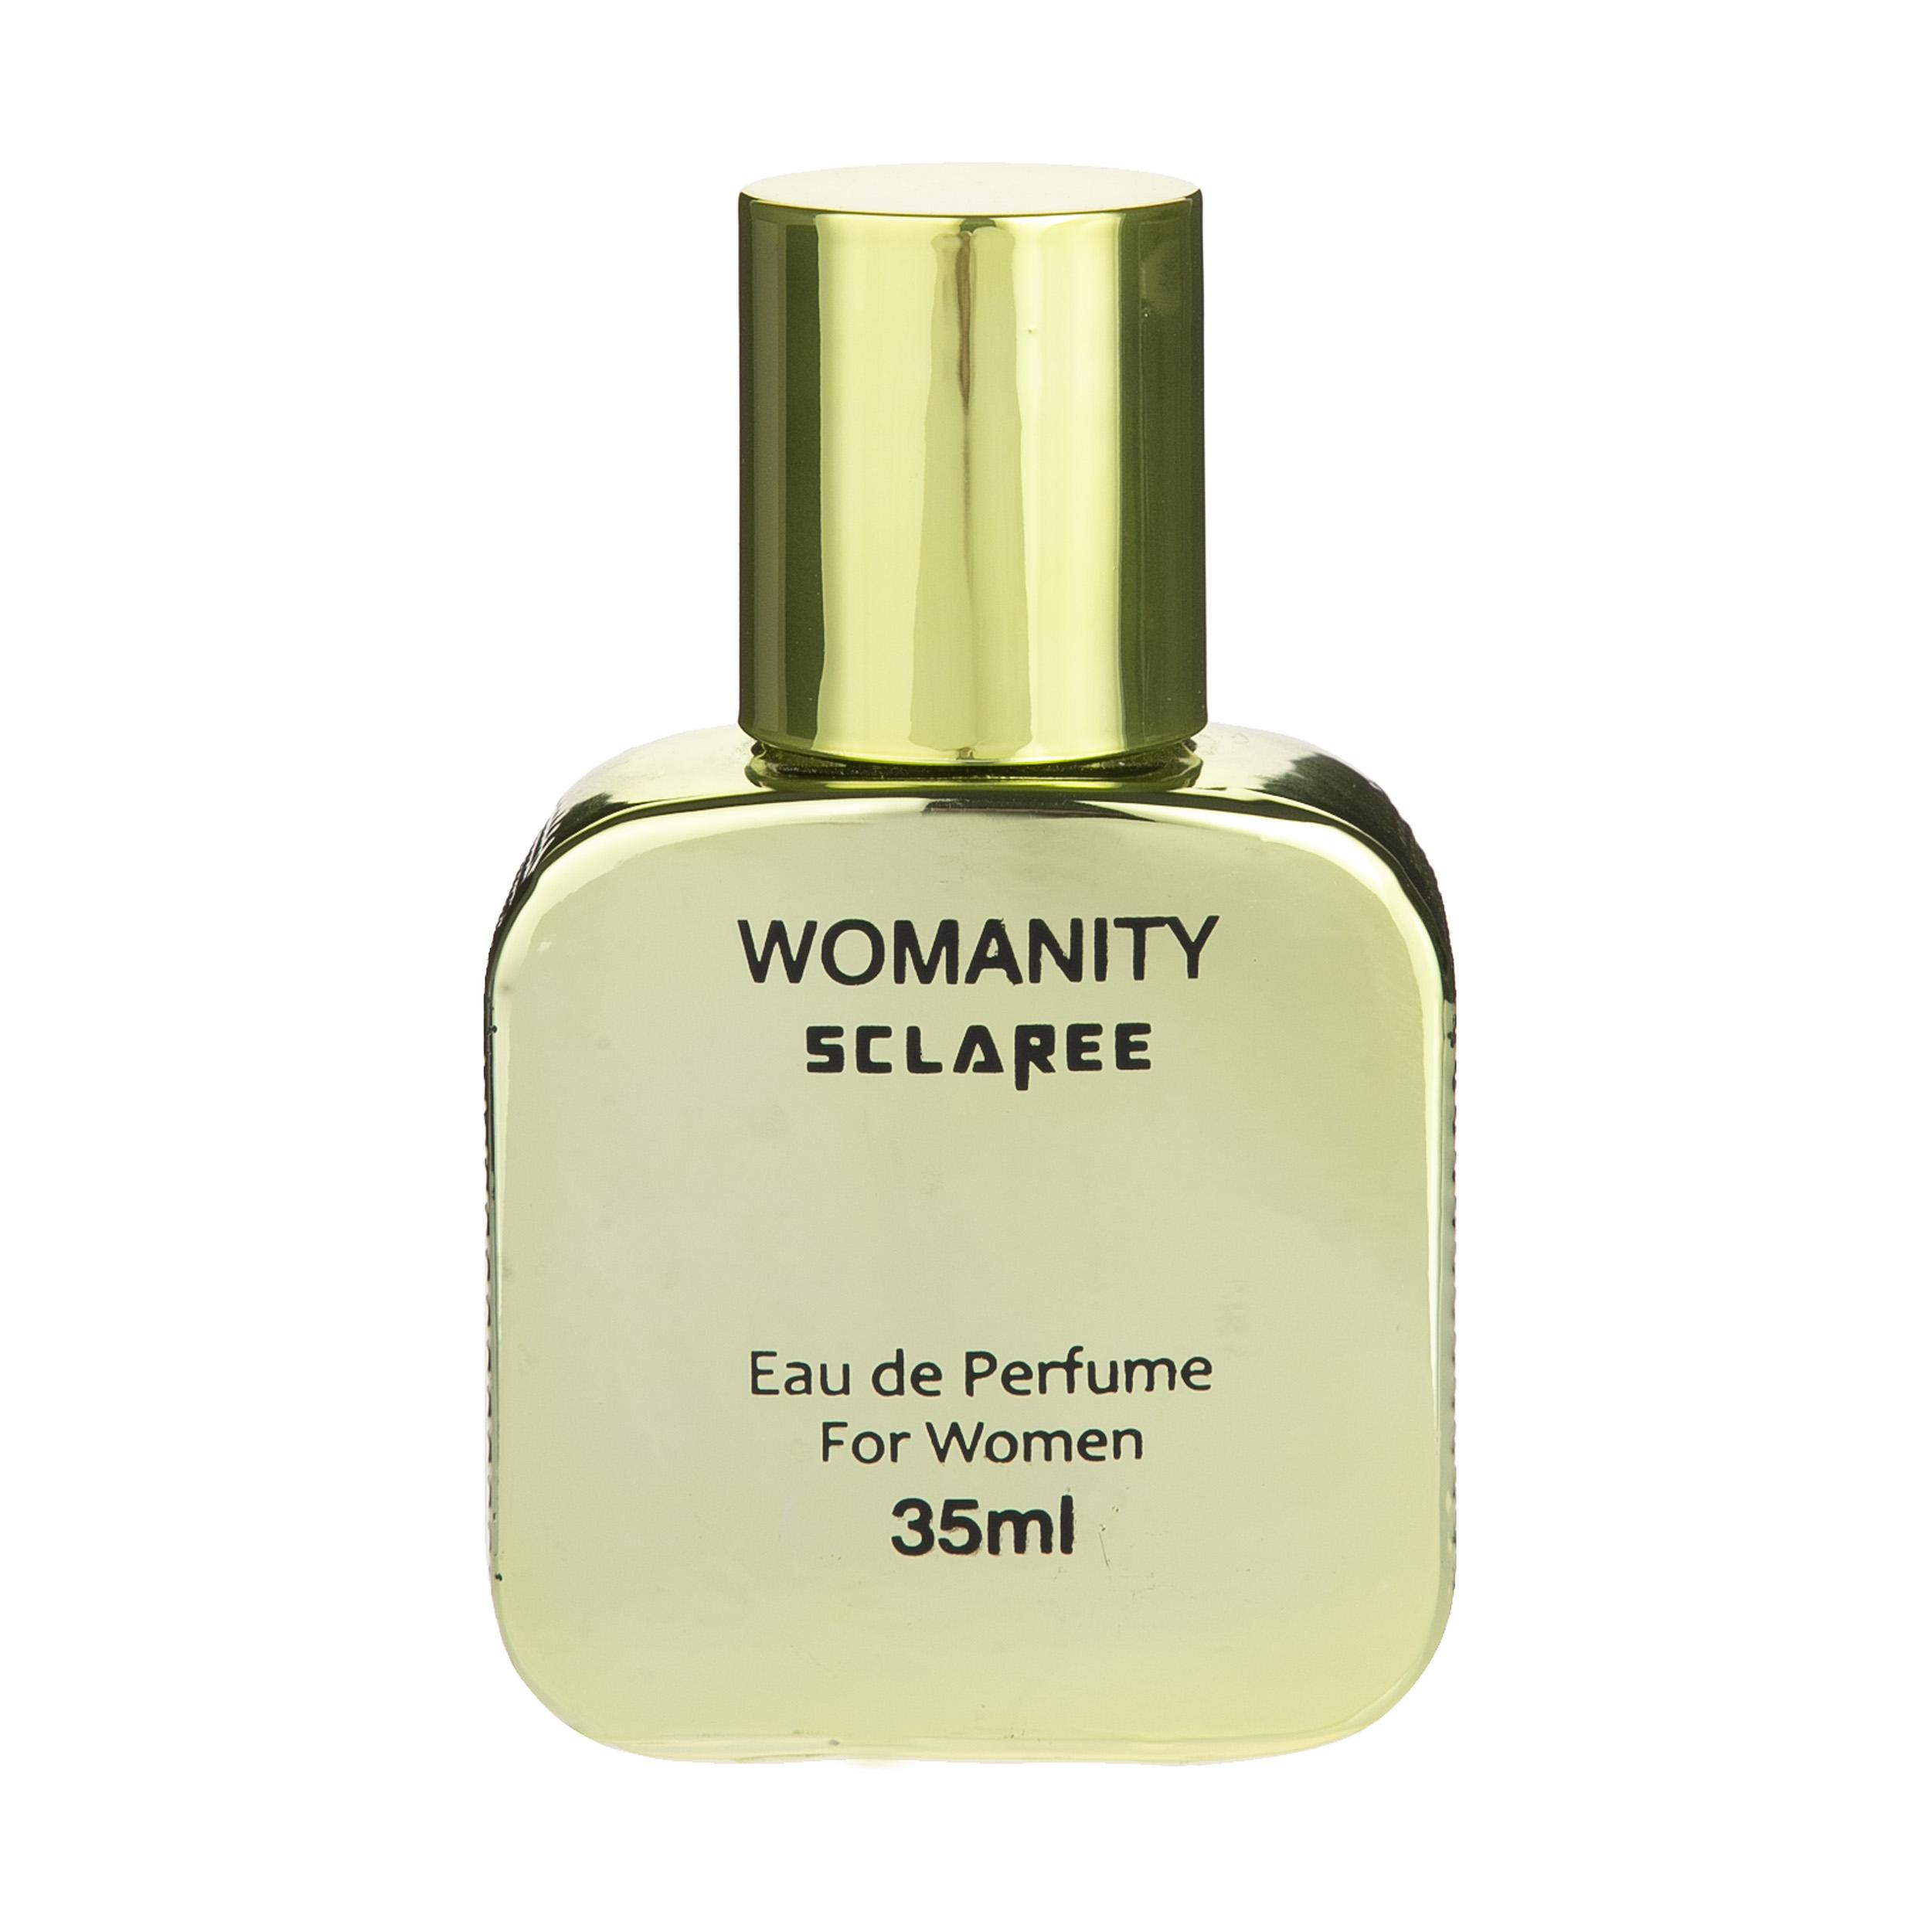 ادوپرفیوم زنانه اسکلاره مدل womanity حجم 35 میلی لیتر